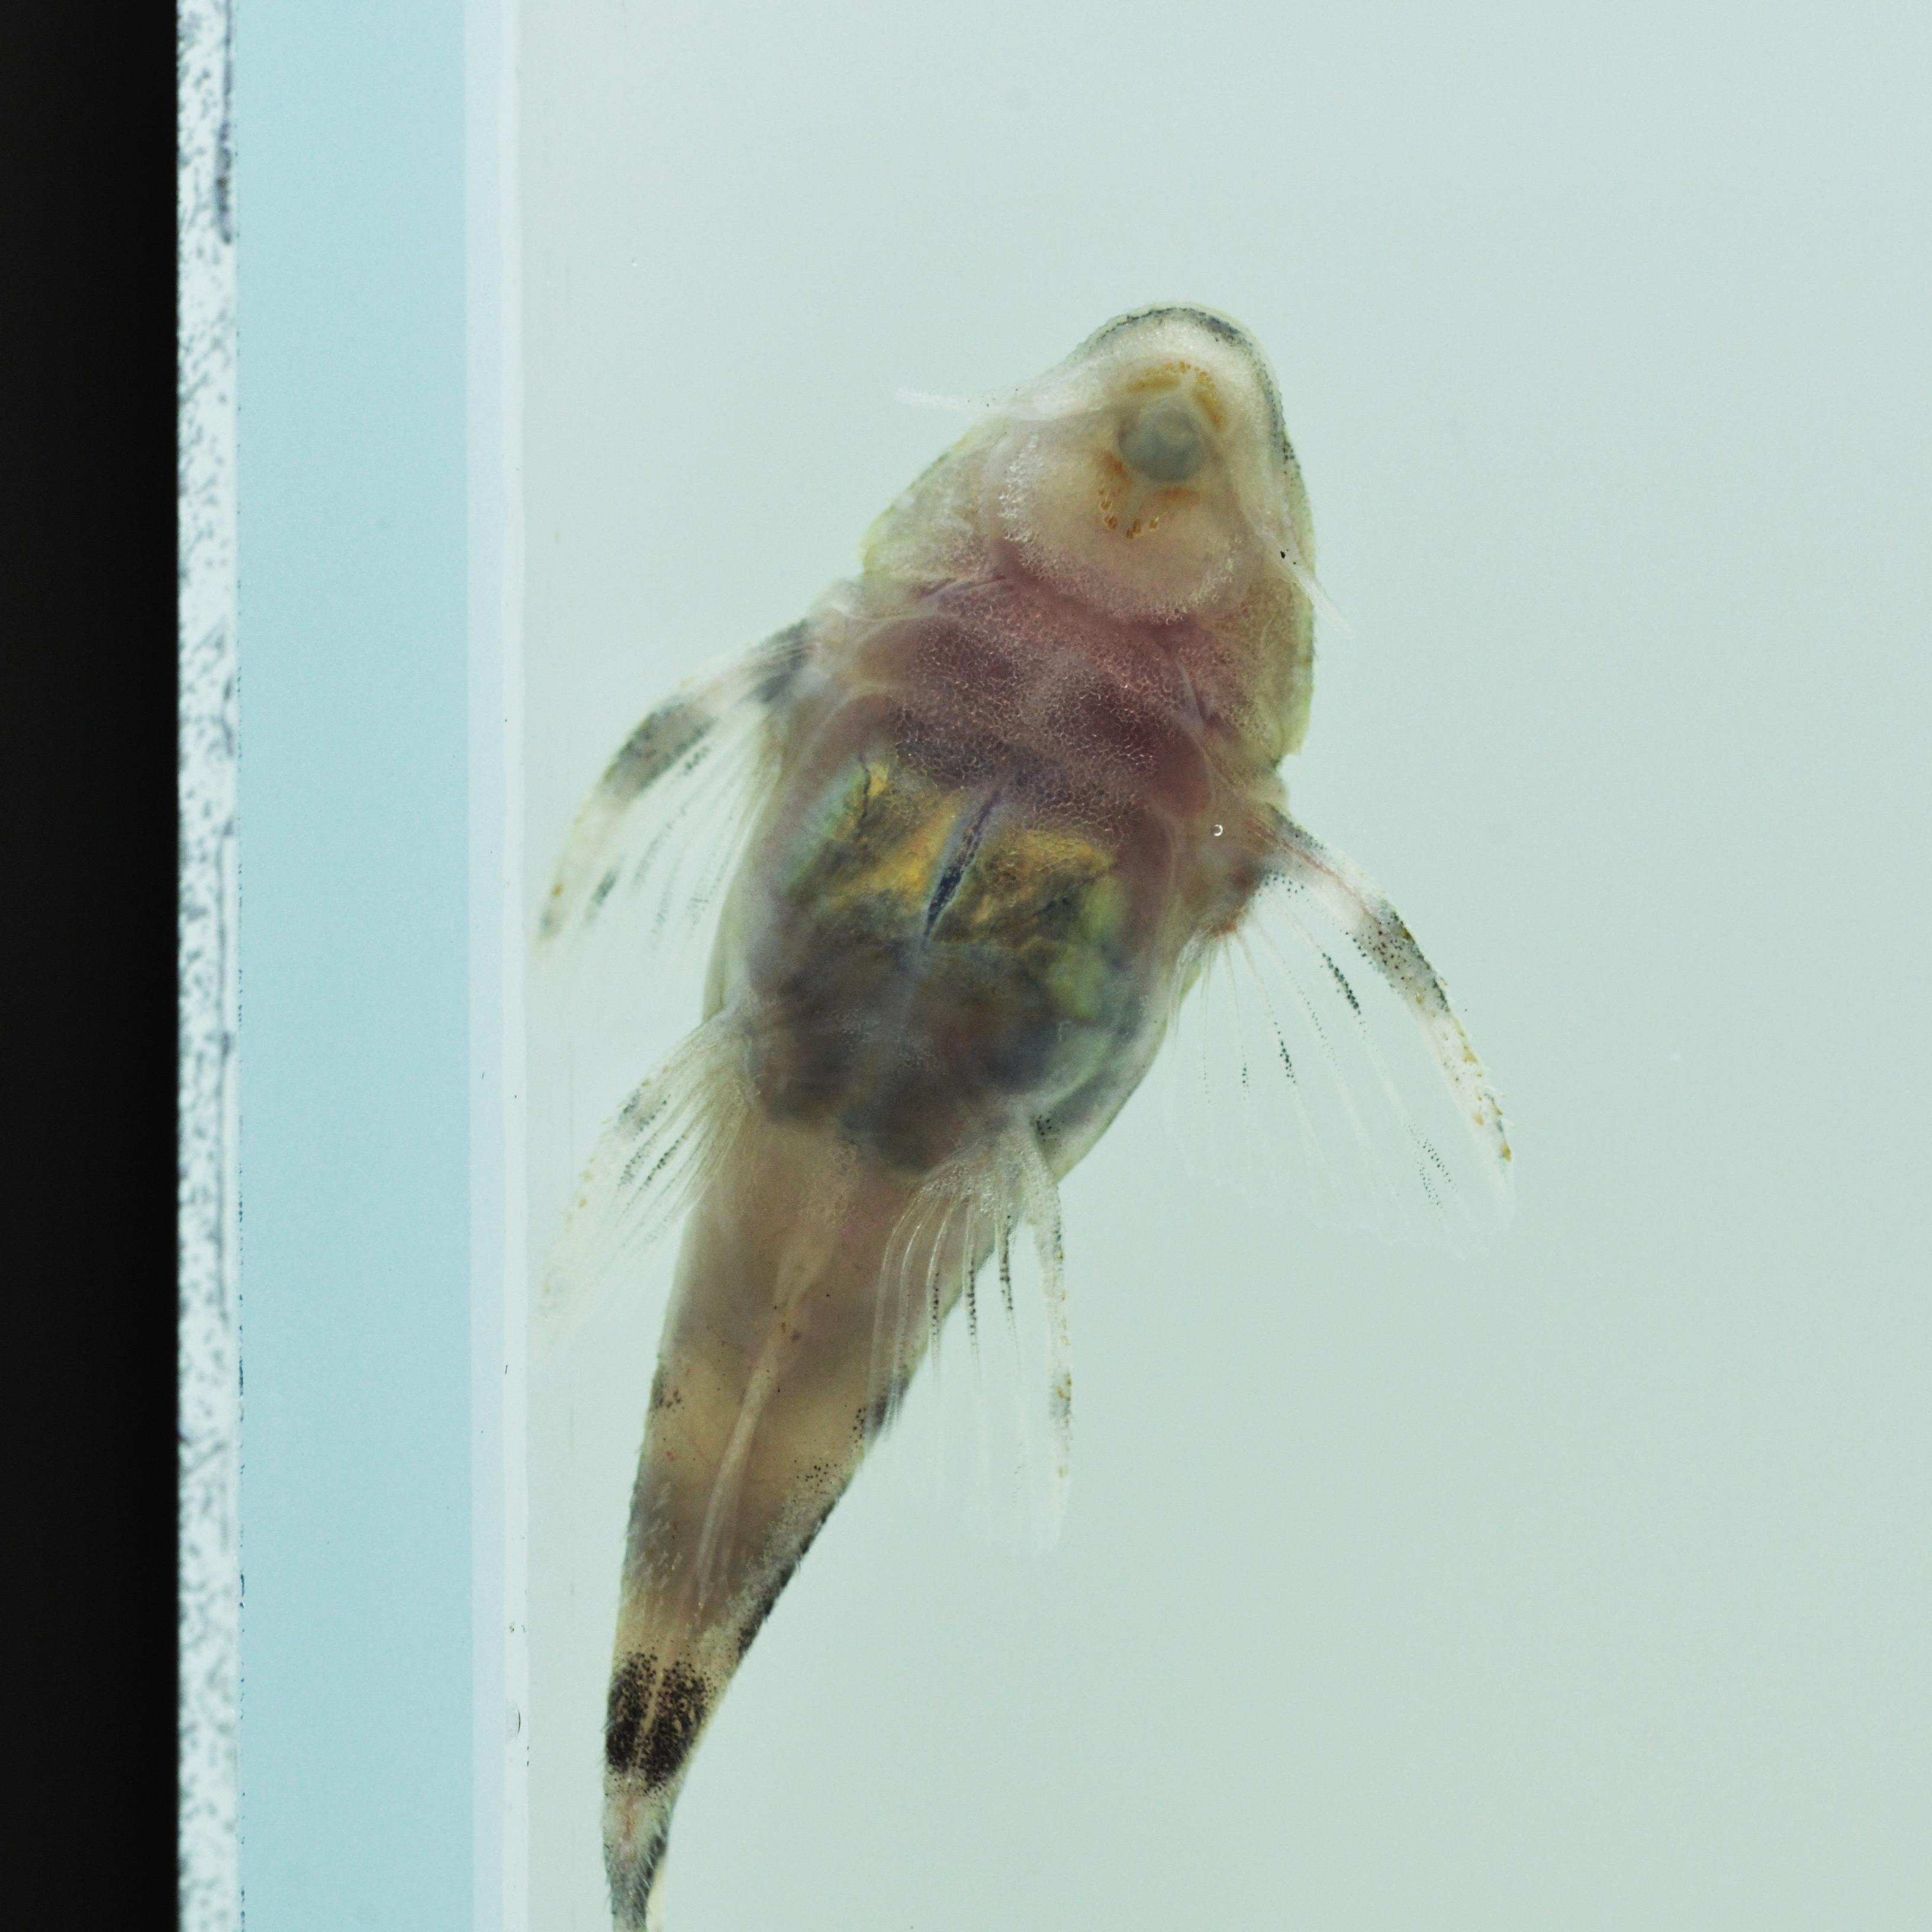 Hypancistrus sp. L470, F1